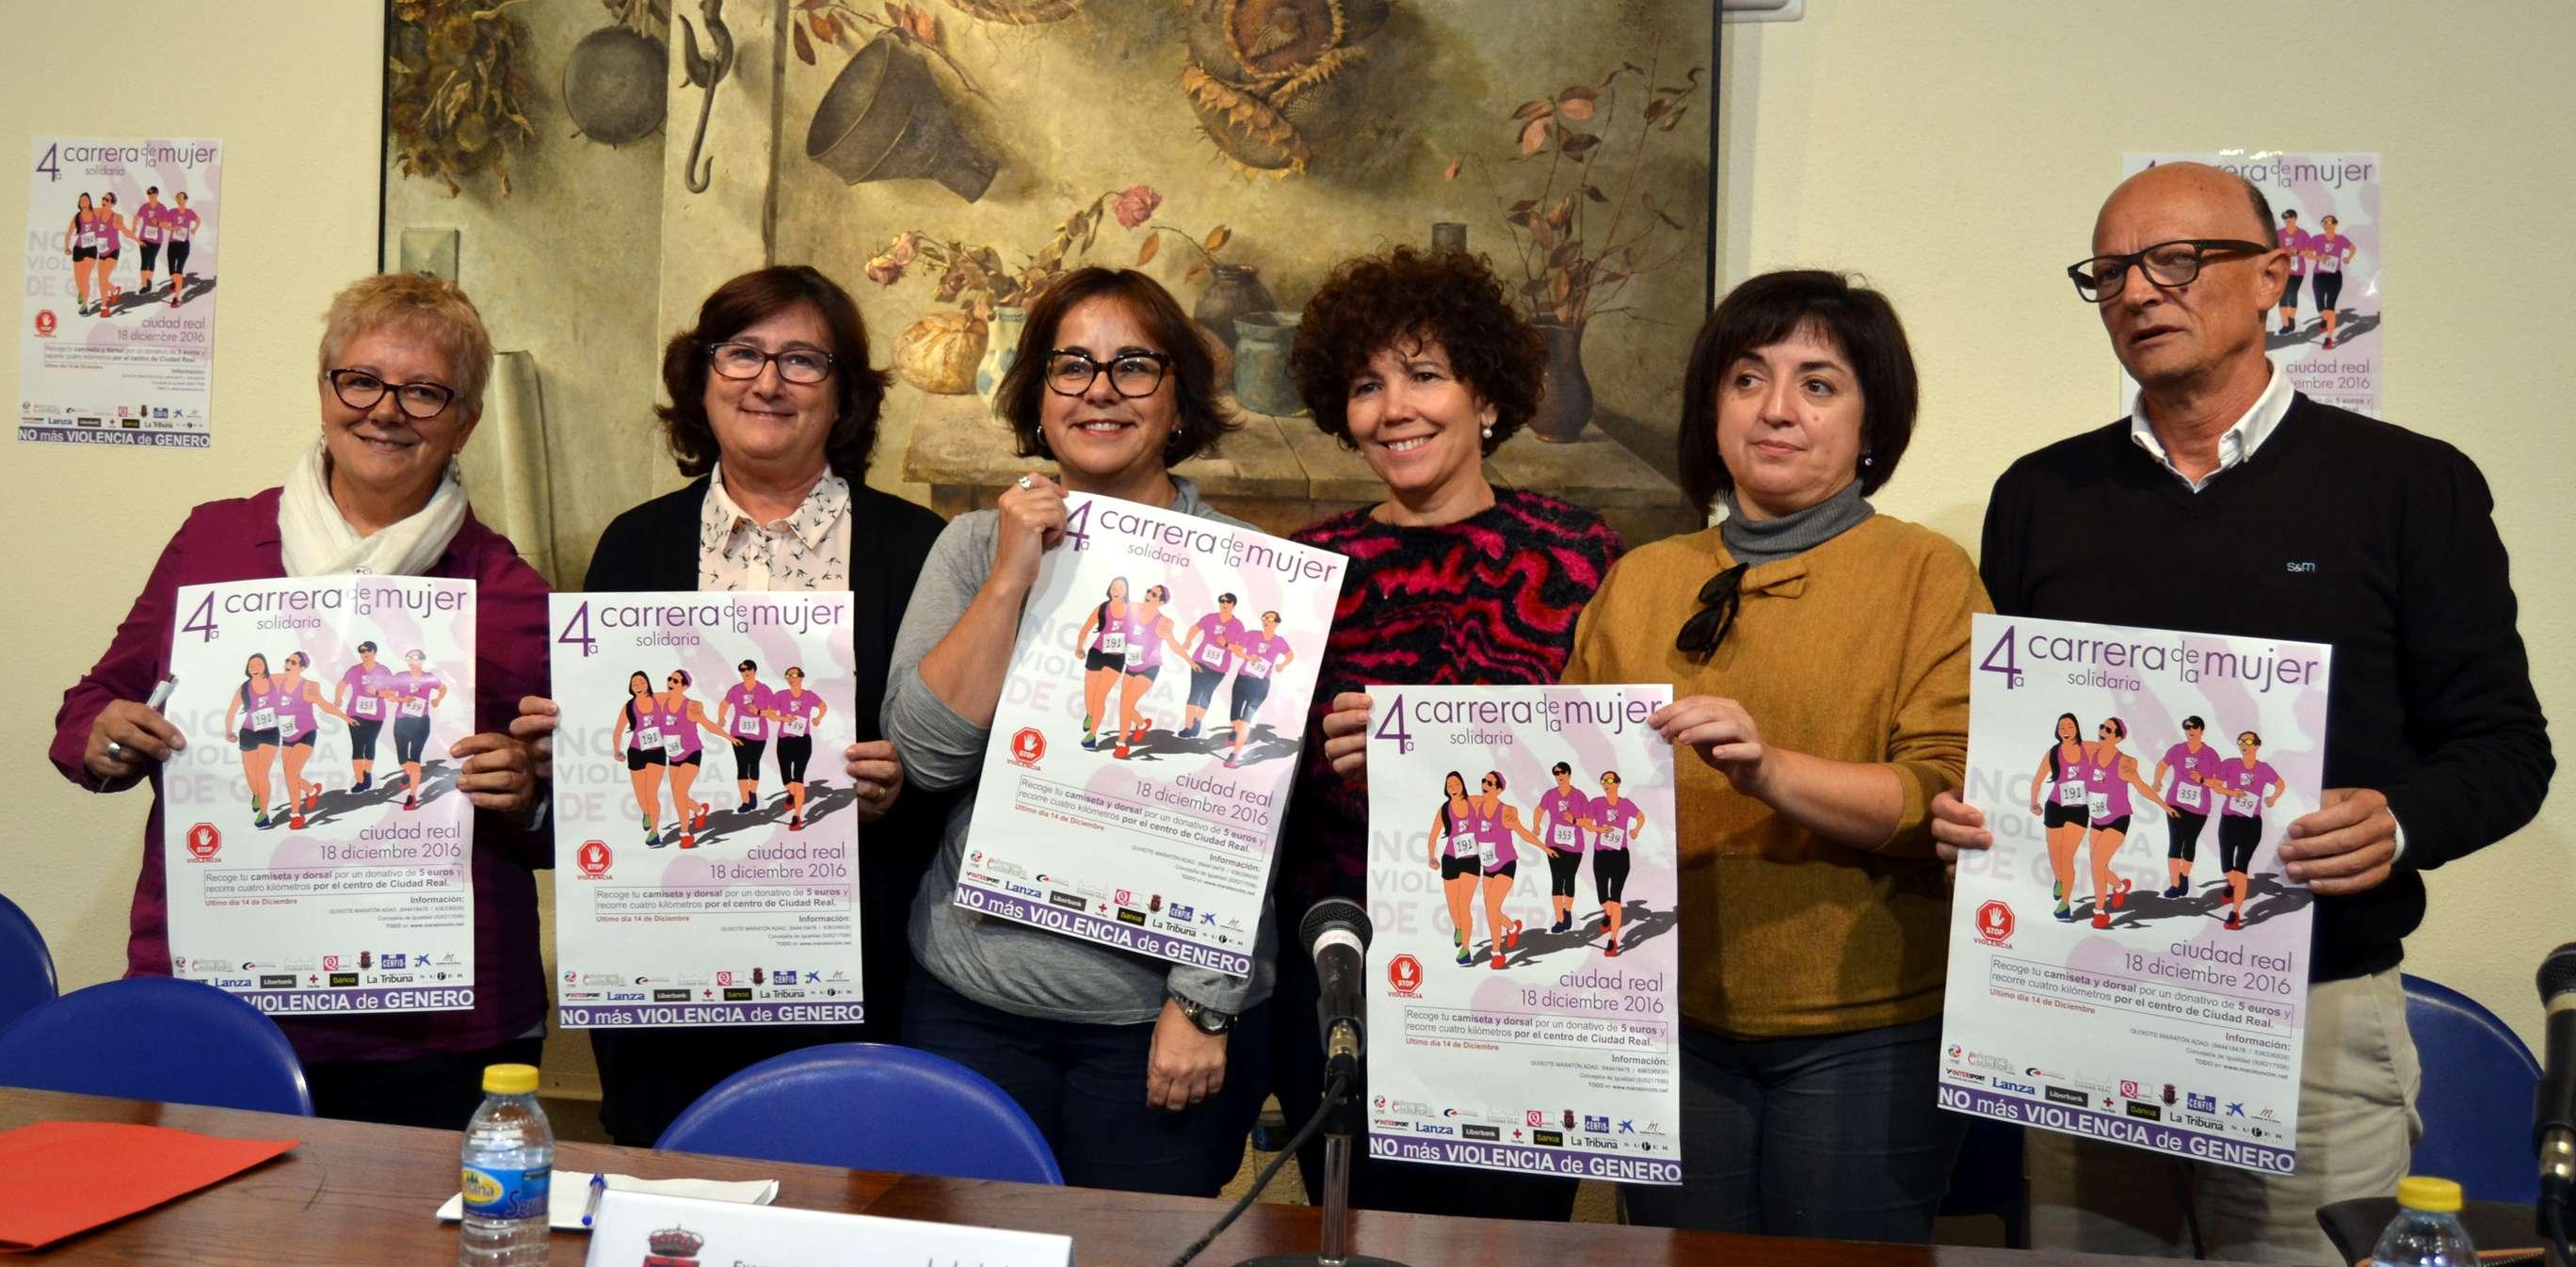 La 4ª Carrera de la Mujer Solidaria de Ciudad Real, este año contra la violencia de género, se celebra el 18 de diciembre